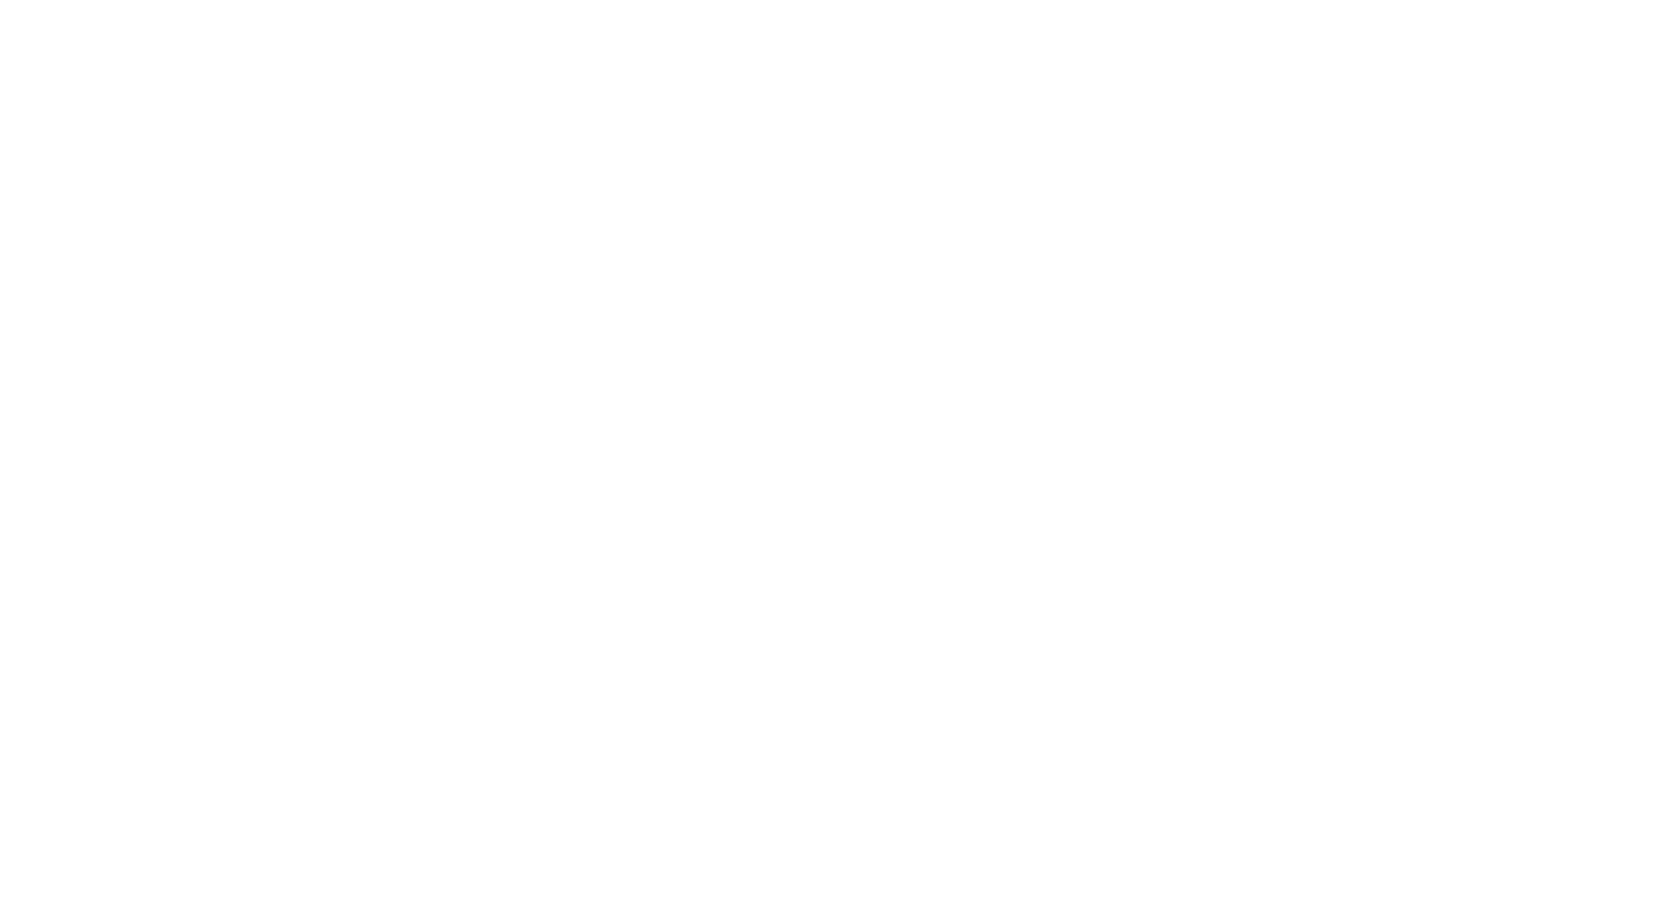 Ulutek Teknopark Beyaz 1668x905 Logo